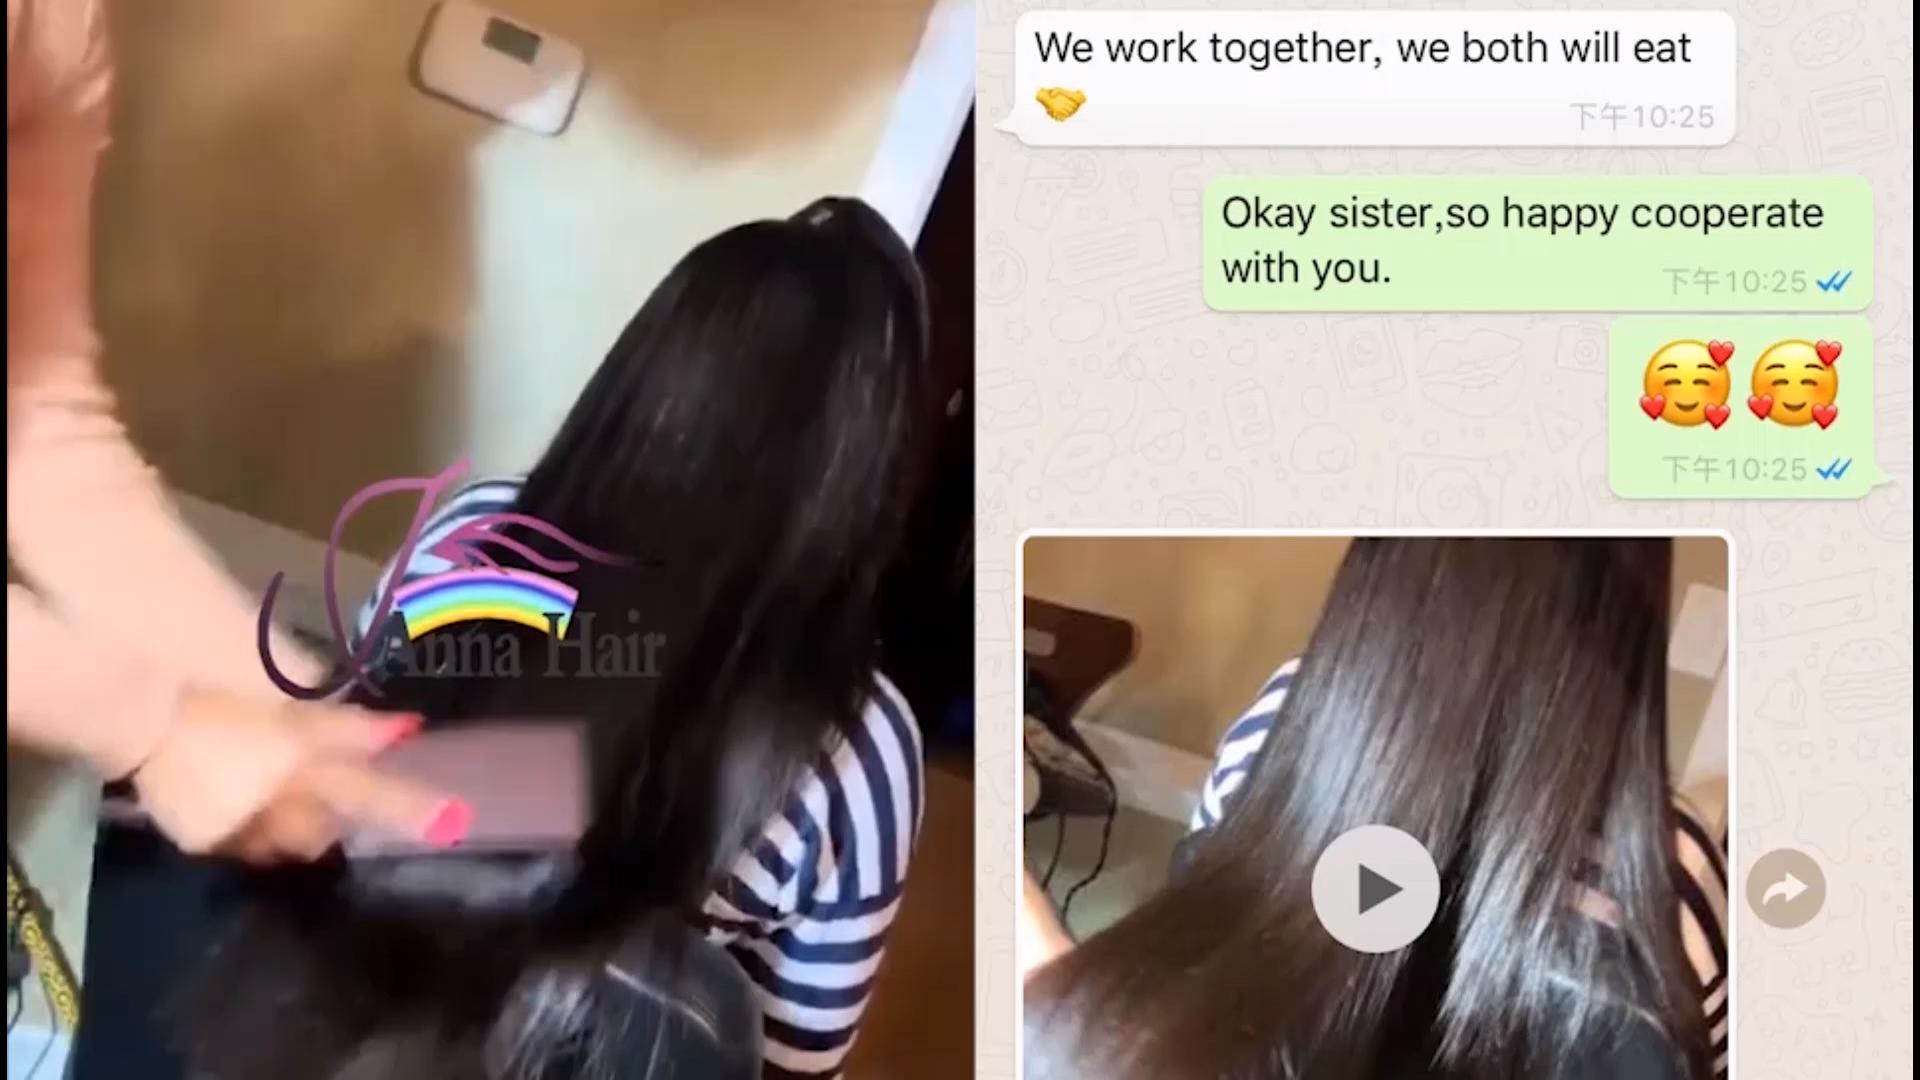 Sampel Gratis Wig Frontal Renda Swiss Transparan, Rambut India Virgin Mentah Kutikula Selaras, Wig Rambut Manusia Mentah